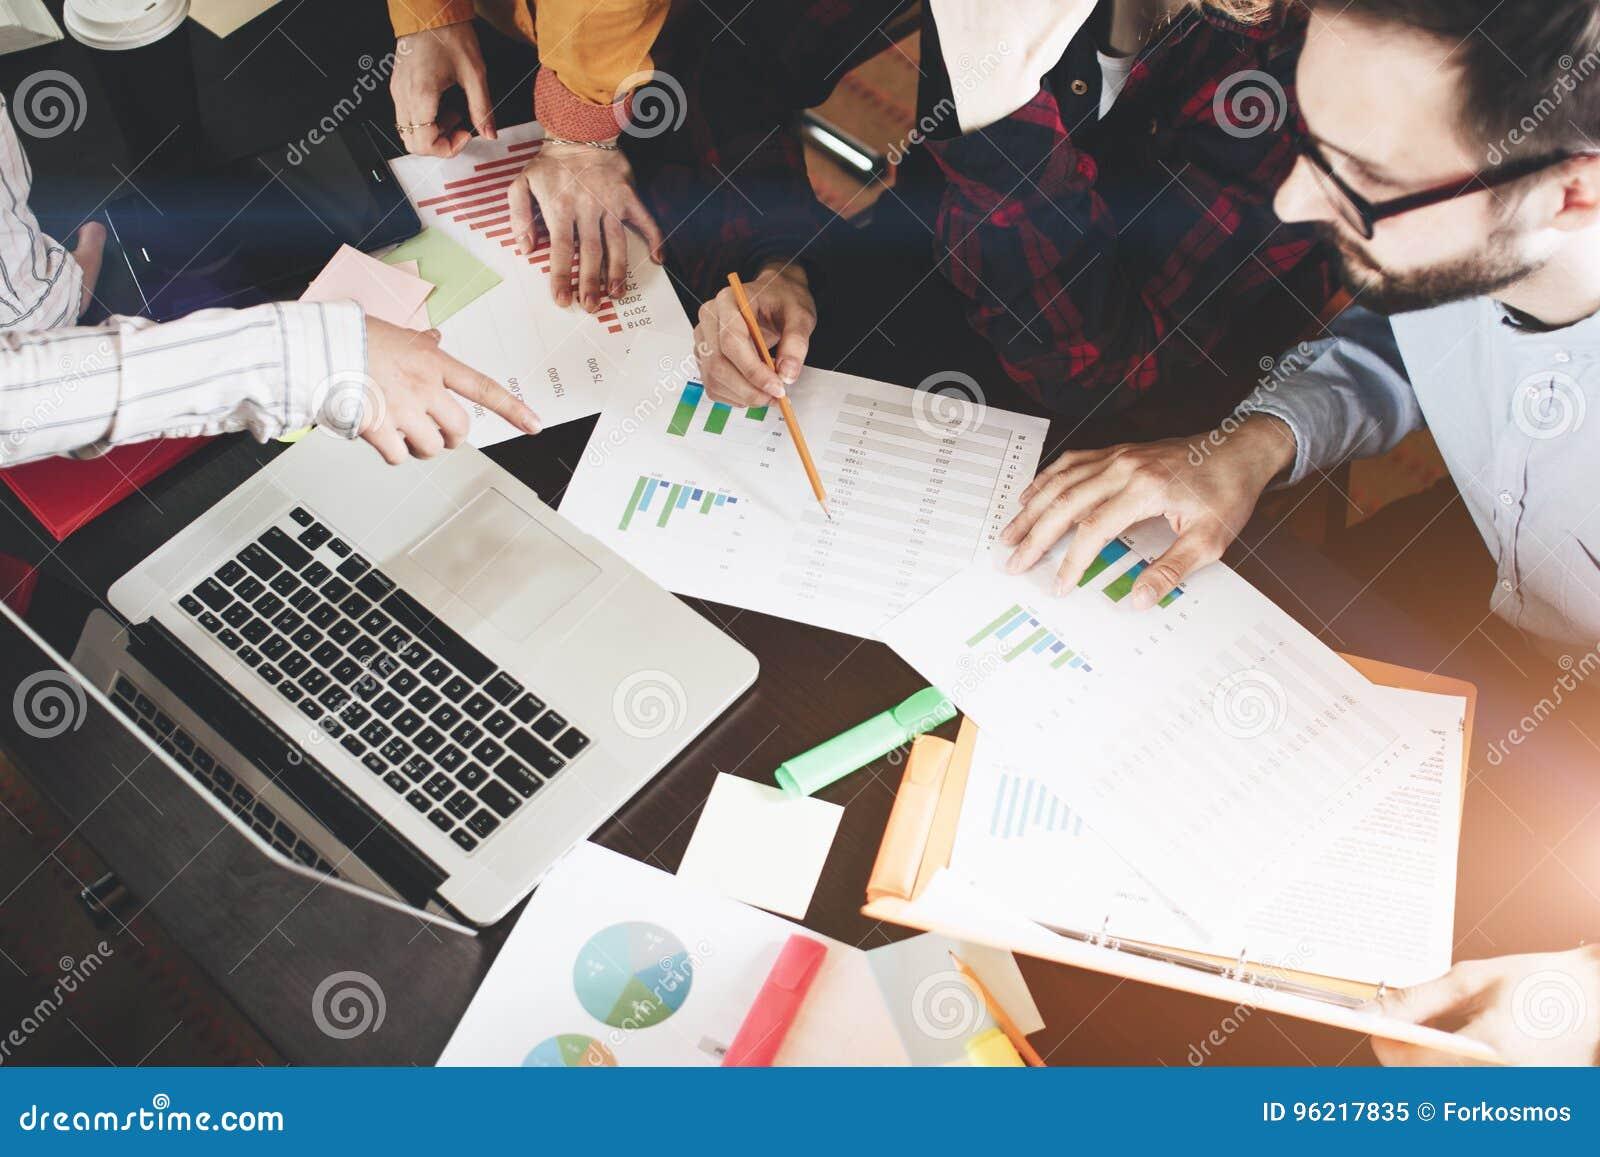 Jonge medewerkers grafieken bespreken en grafieken die de resultaten van hun succesvol groepswerk tonen